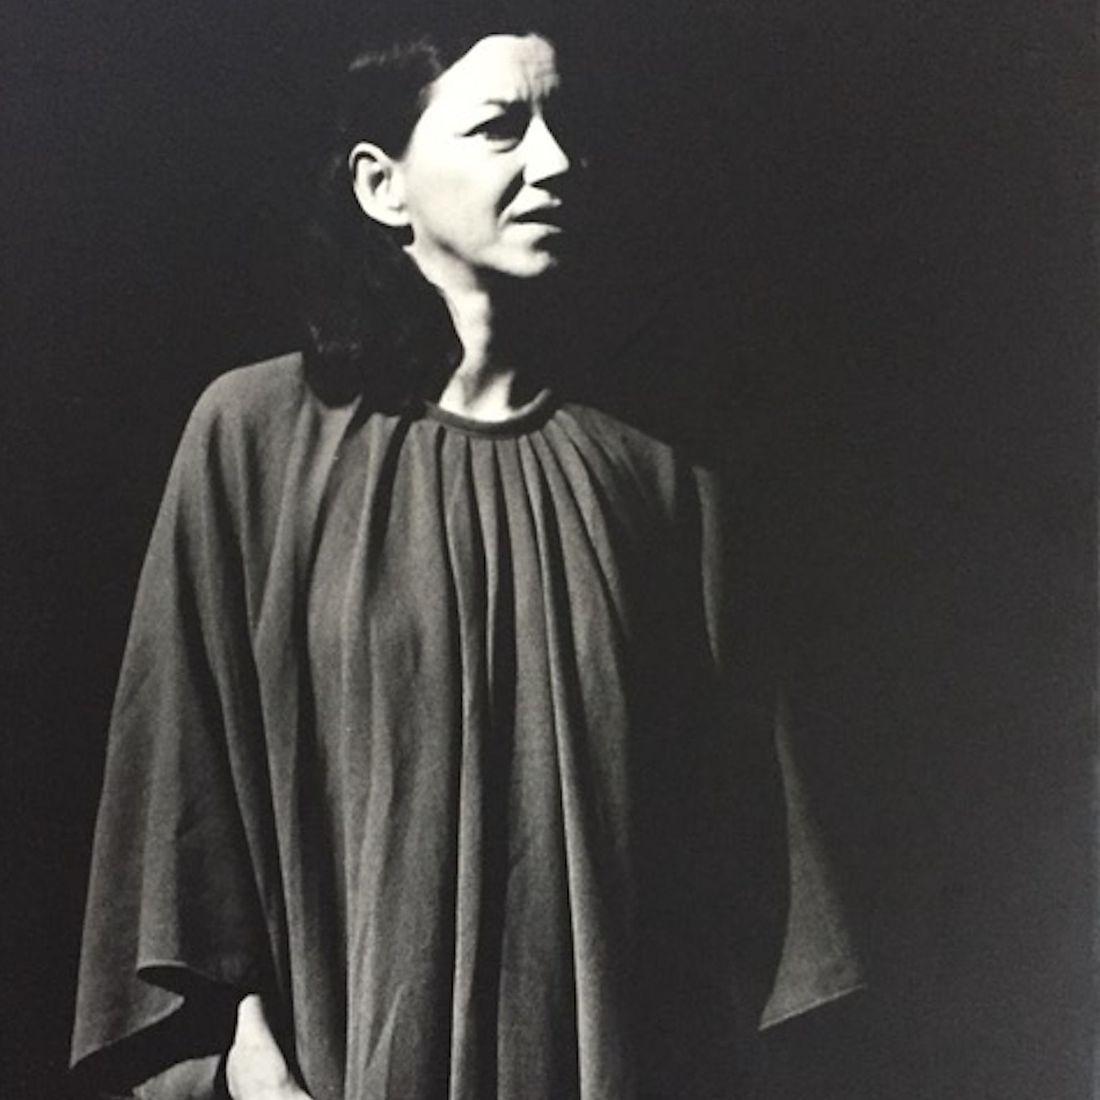 La maestra de escuela  by Enrique Buenaventura, directed by Gustavo Gac-Artigas, actress: Perla Valencia